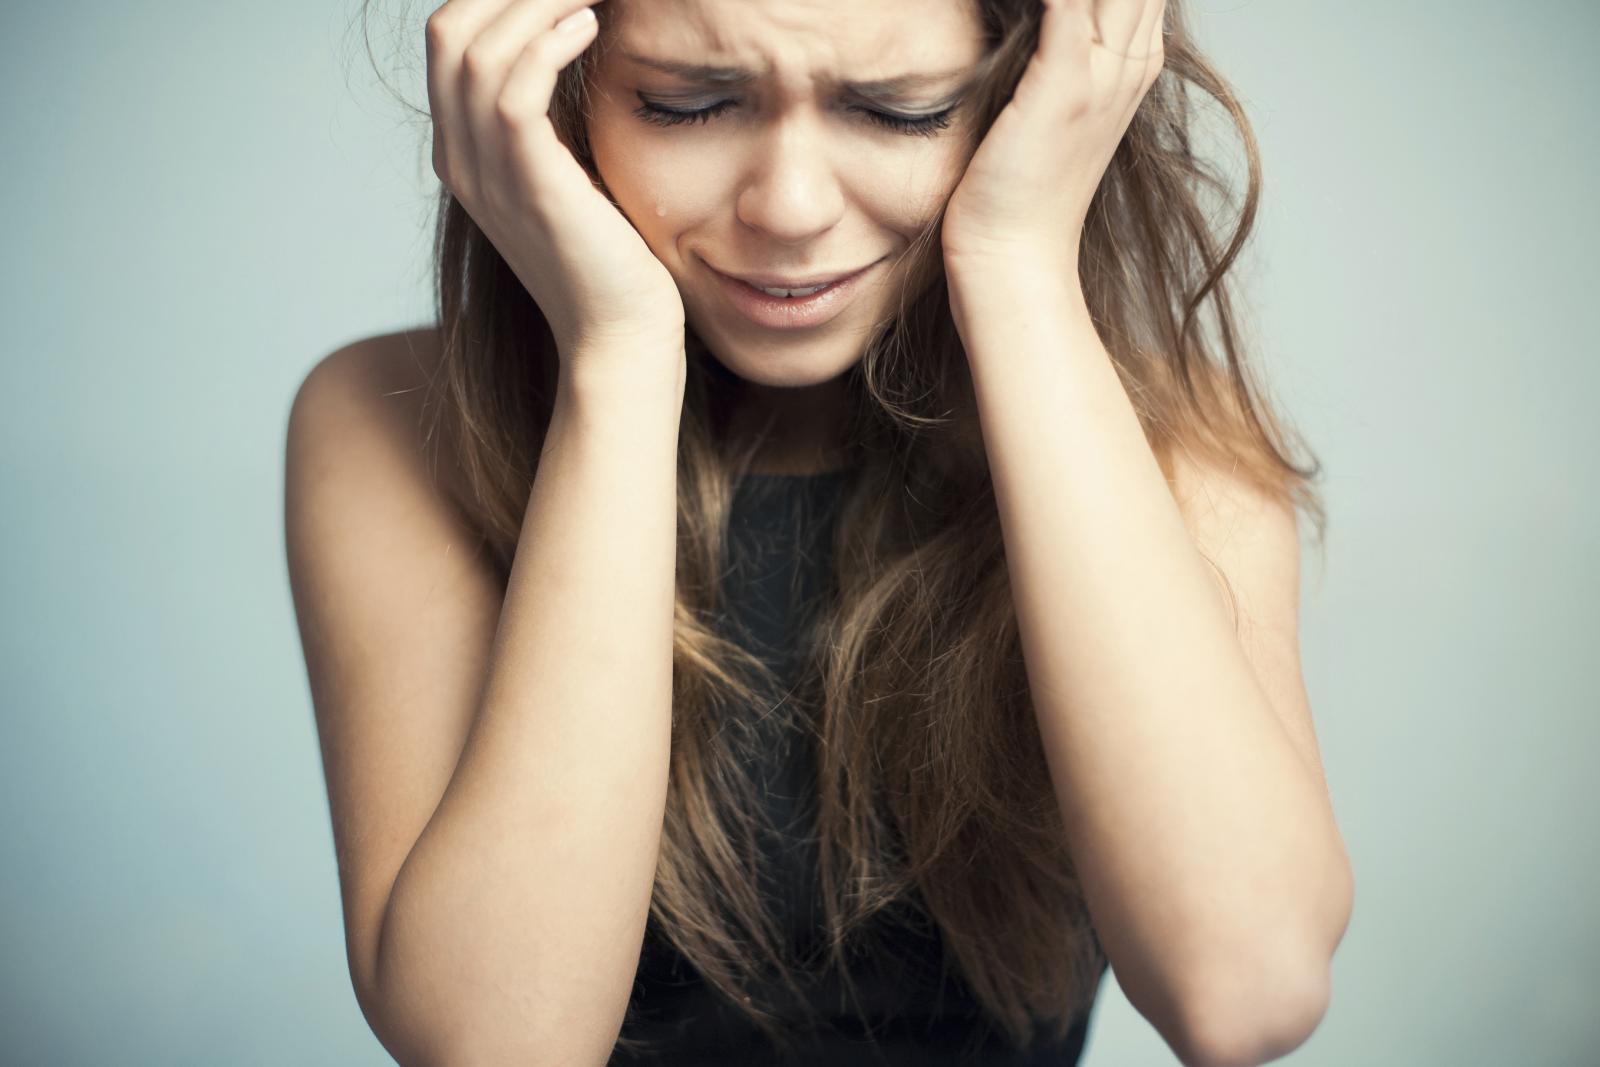 Izbjegavajte hranu koja je 'okidač' za migrene, a ako to još ne činite, probajte se više fizički aktivirati.